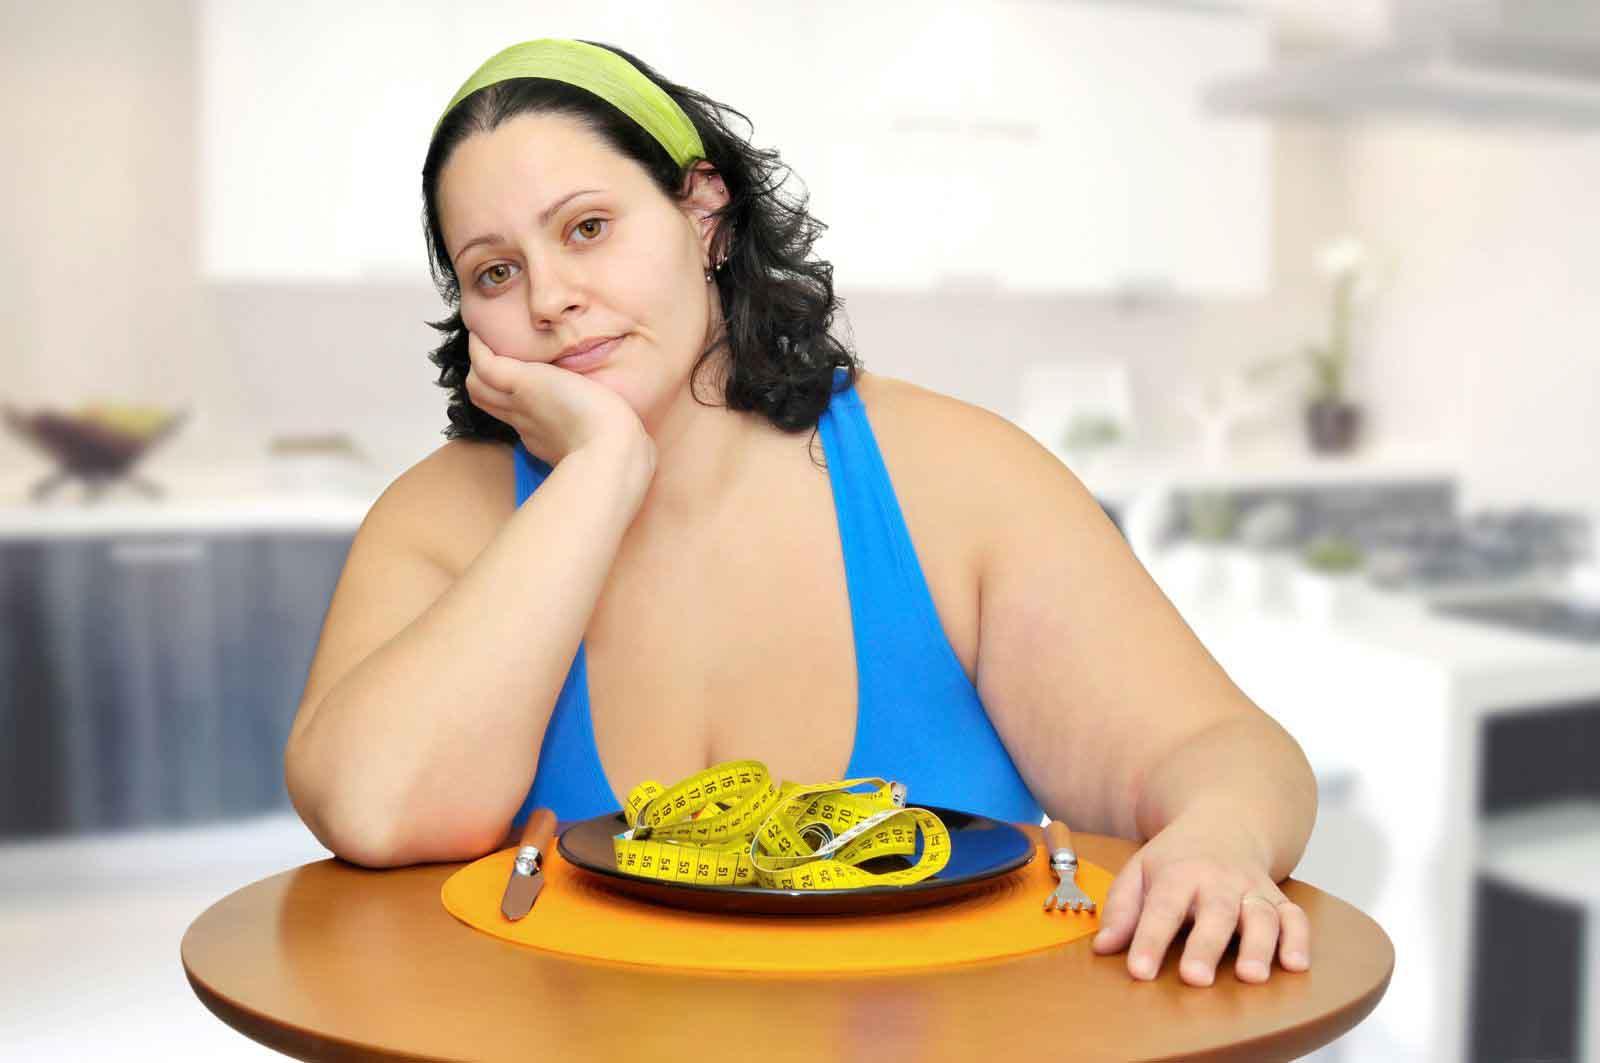 Nếu tăng cân mà kèm theo các triệu chứng này thì nhiều khả năng bạn đang bị bệnh